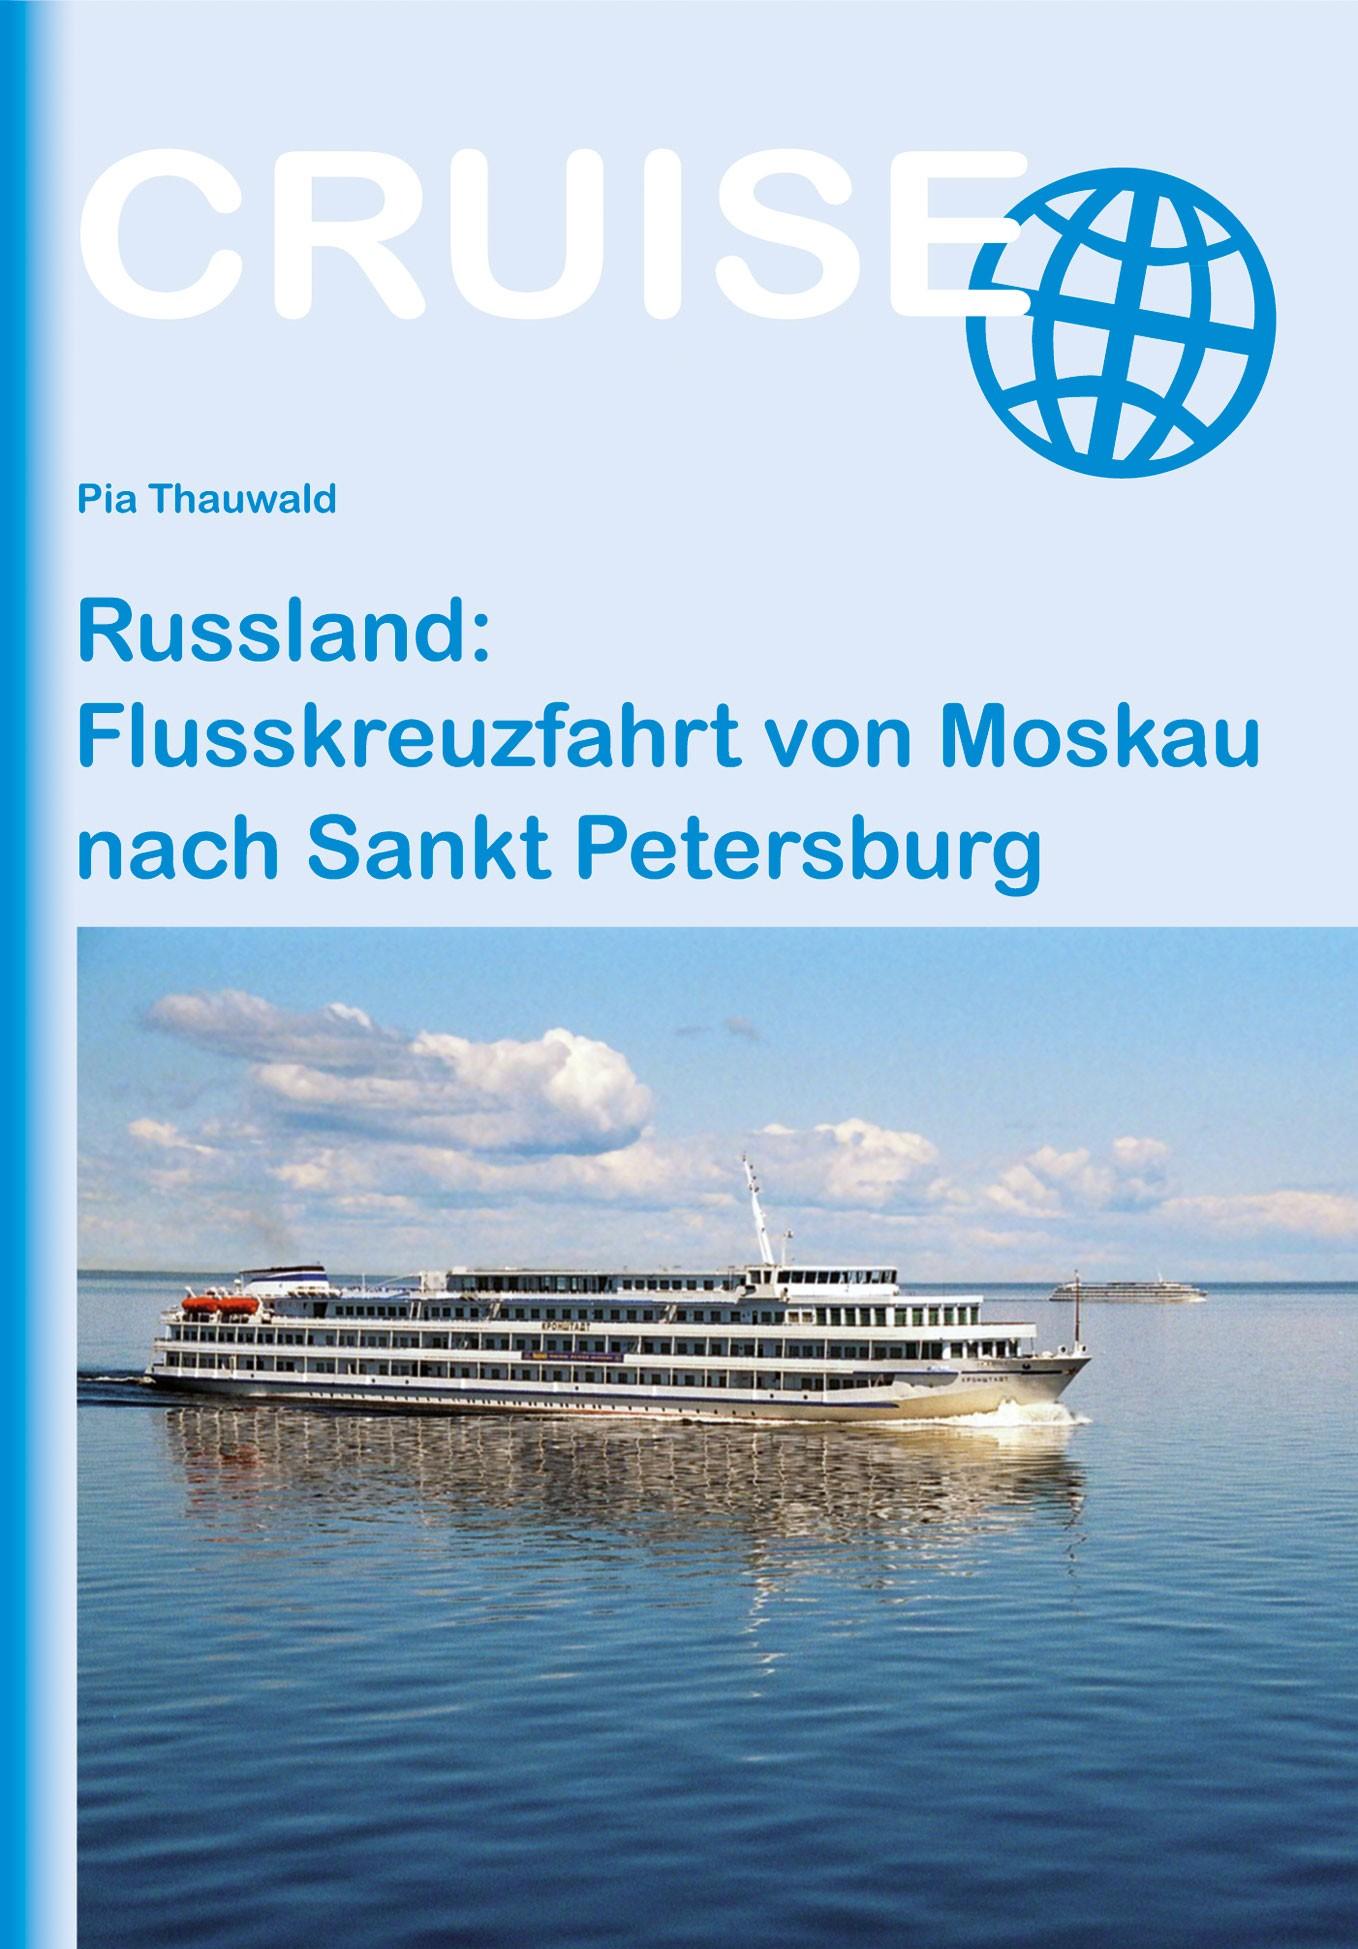 Cruise: Russland: Flusskreuzfahrt